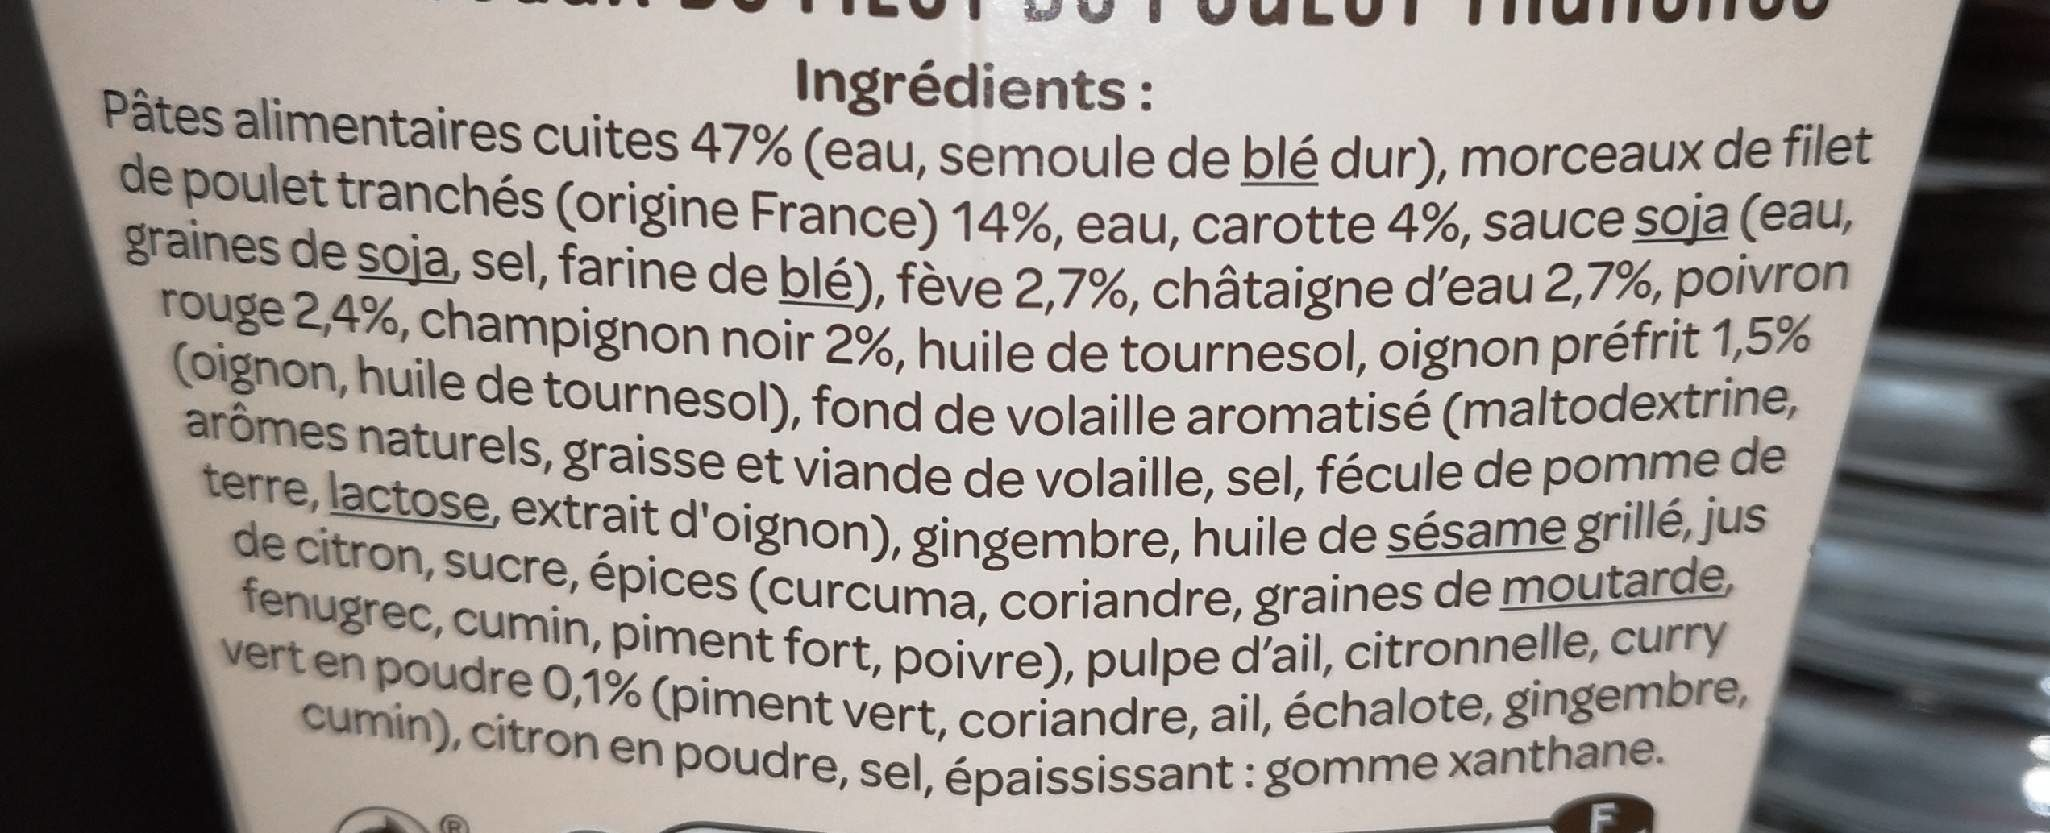 Nouilles Légumes Poulet Curry Vert - Ingrédients